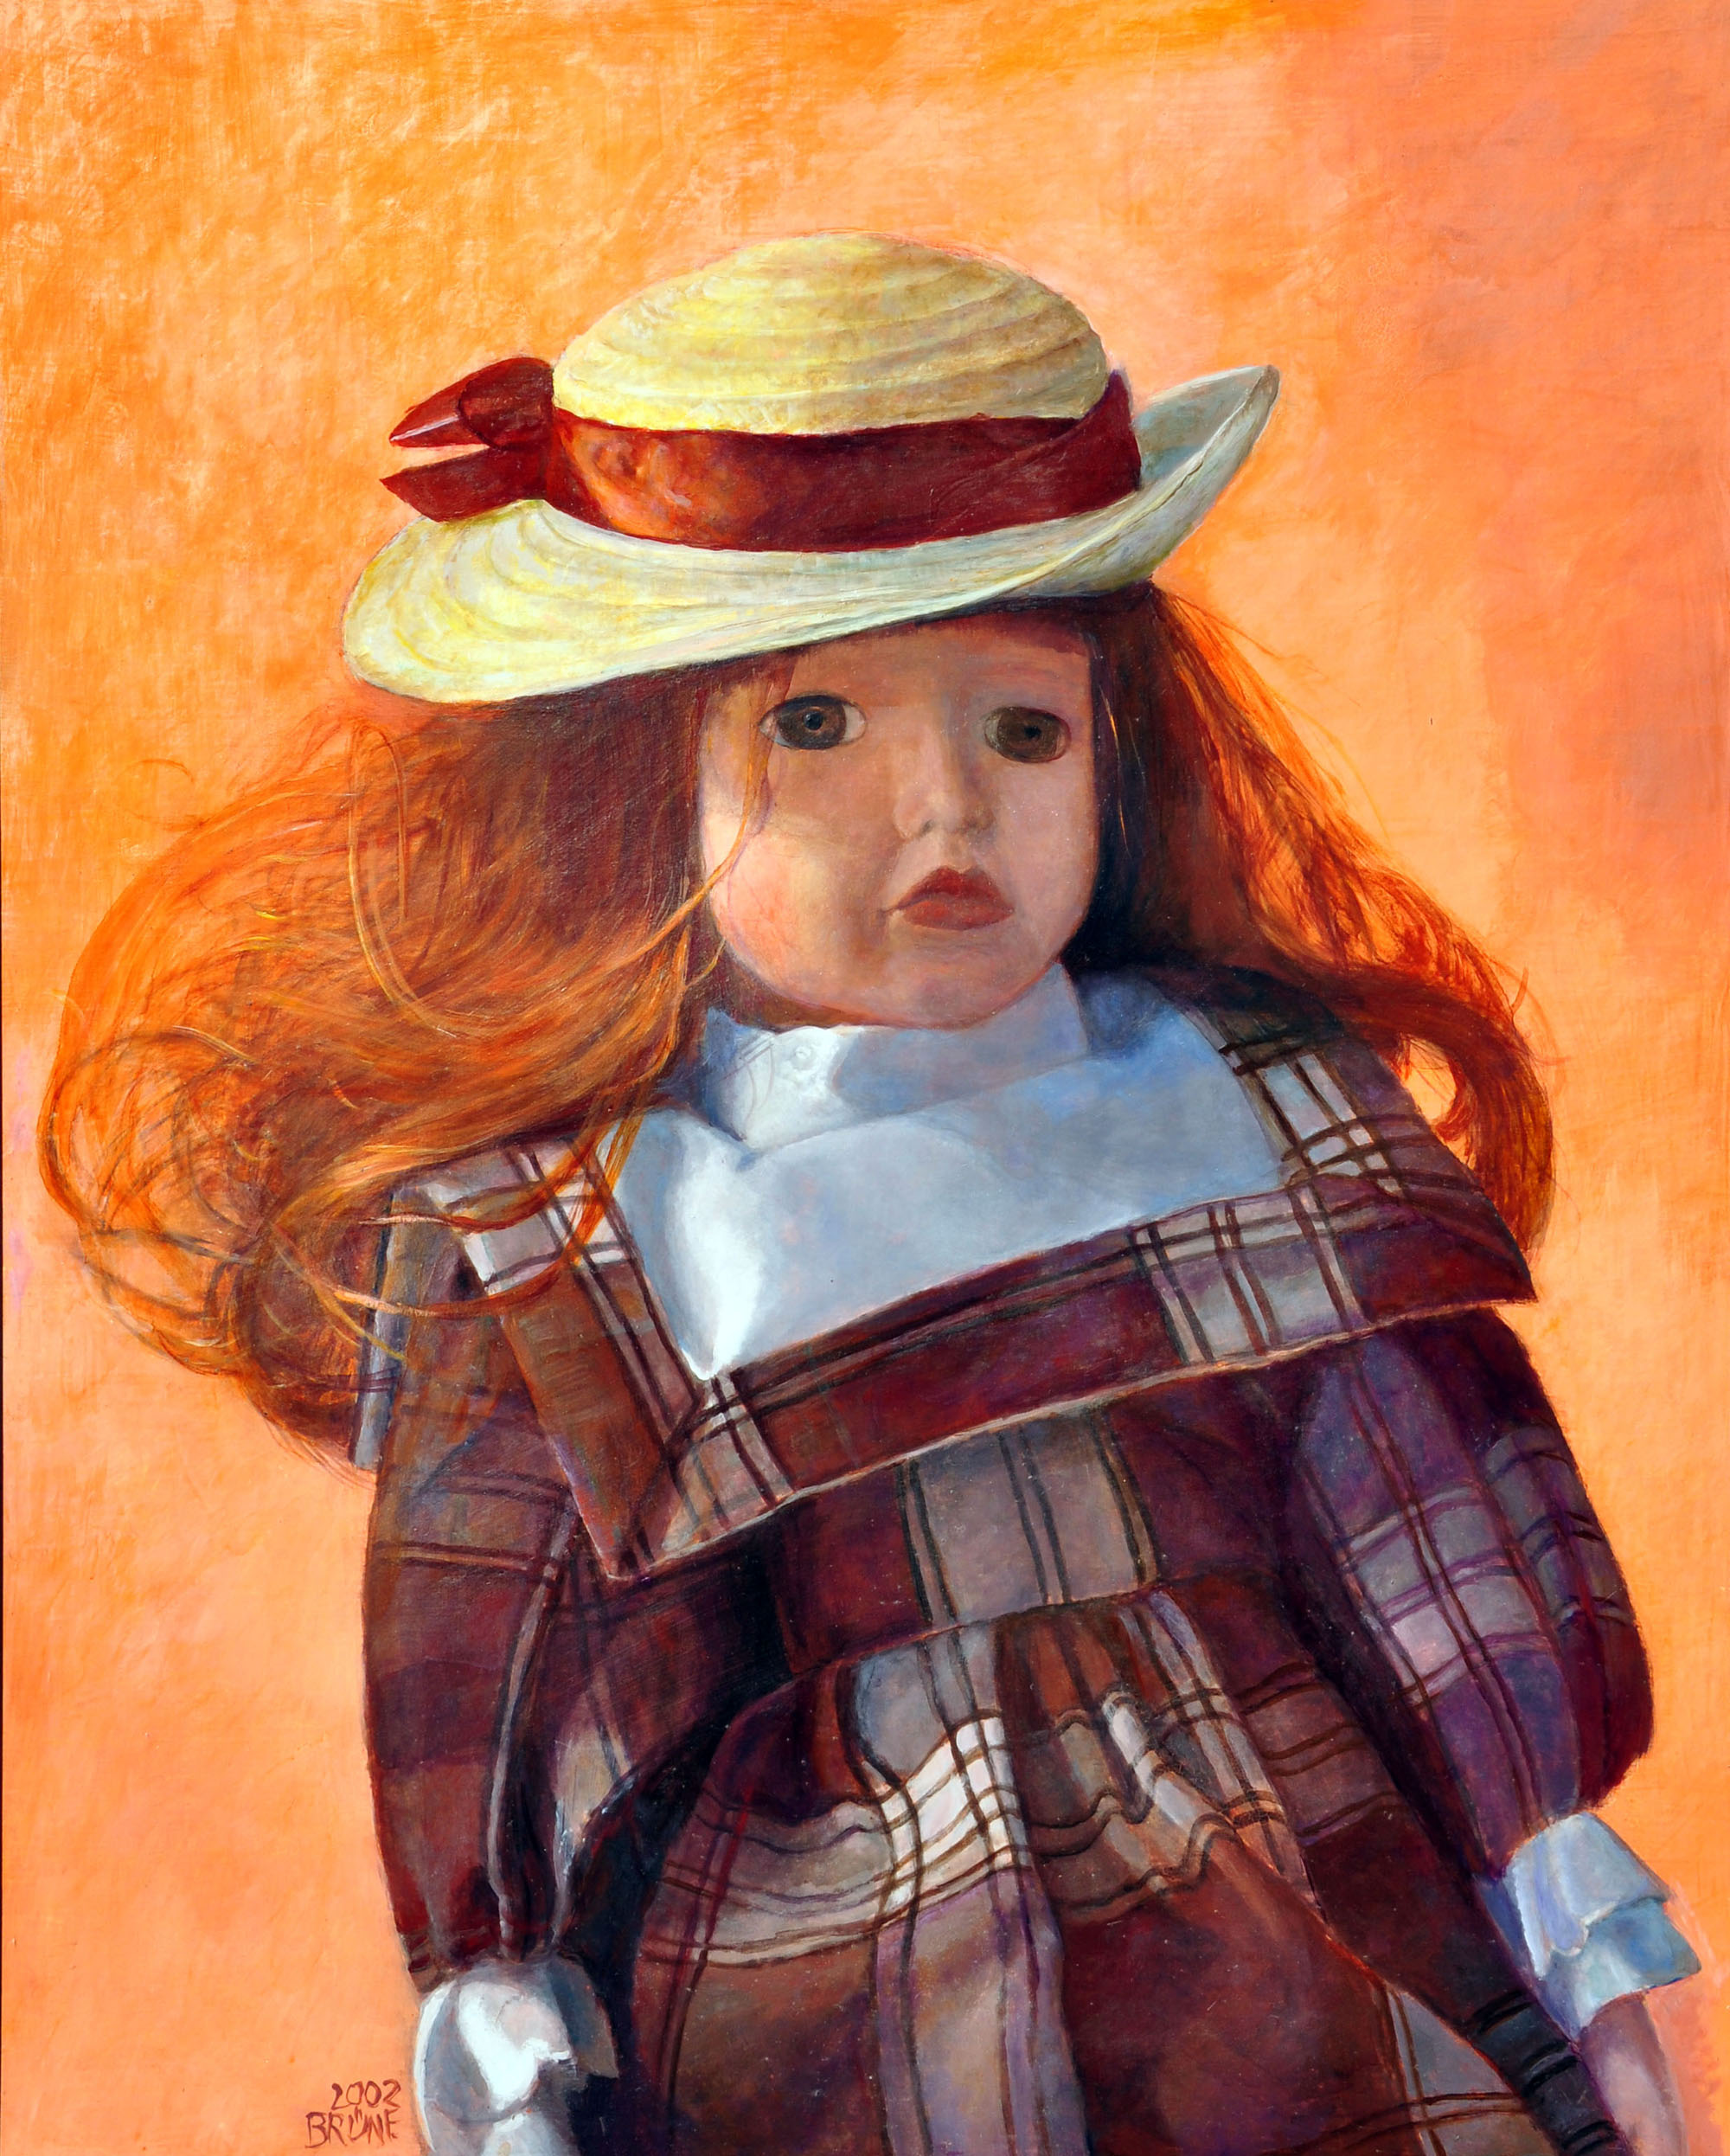 Gudrun Brüne_Puppe mit Hut_Mischtechnik auf Hartfaser_2003